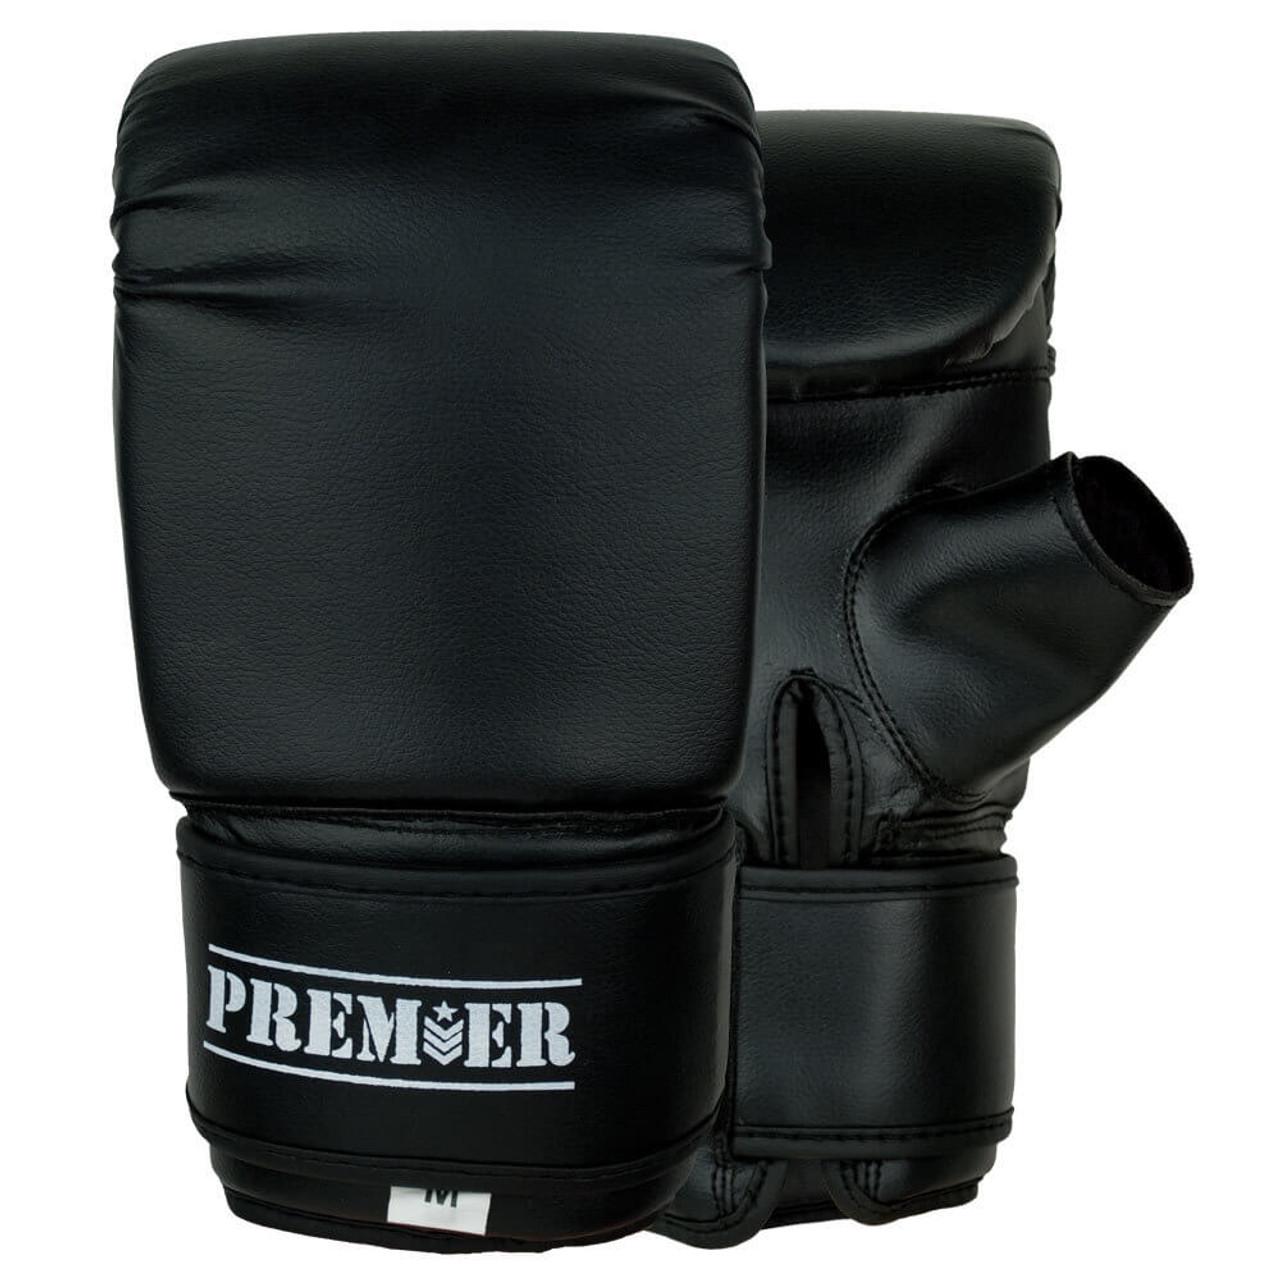 Premier Bag Gloves